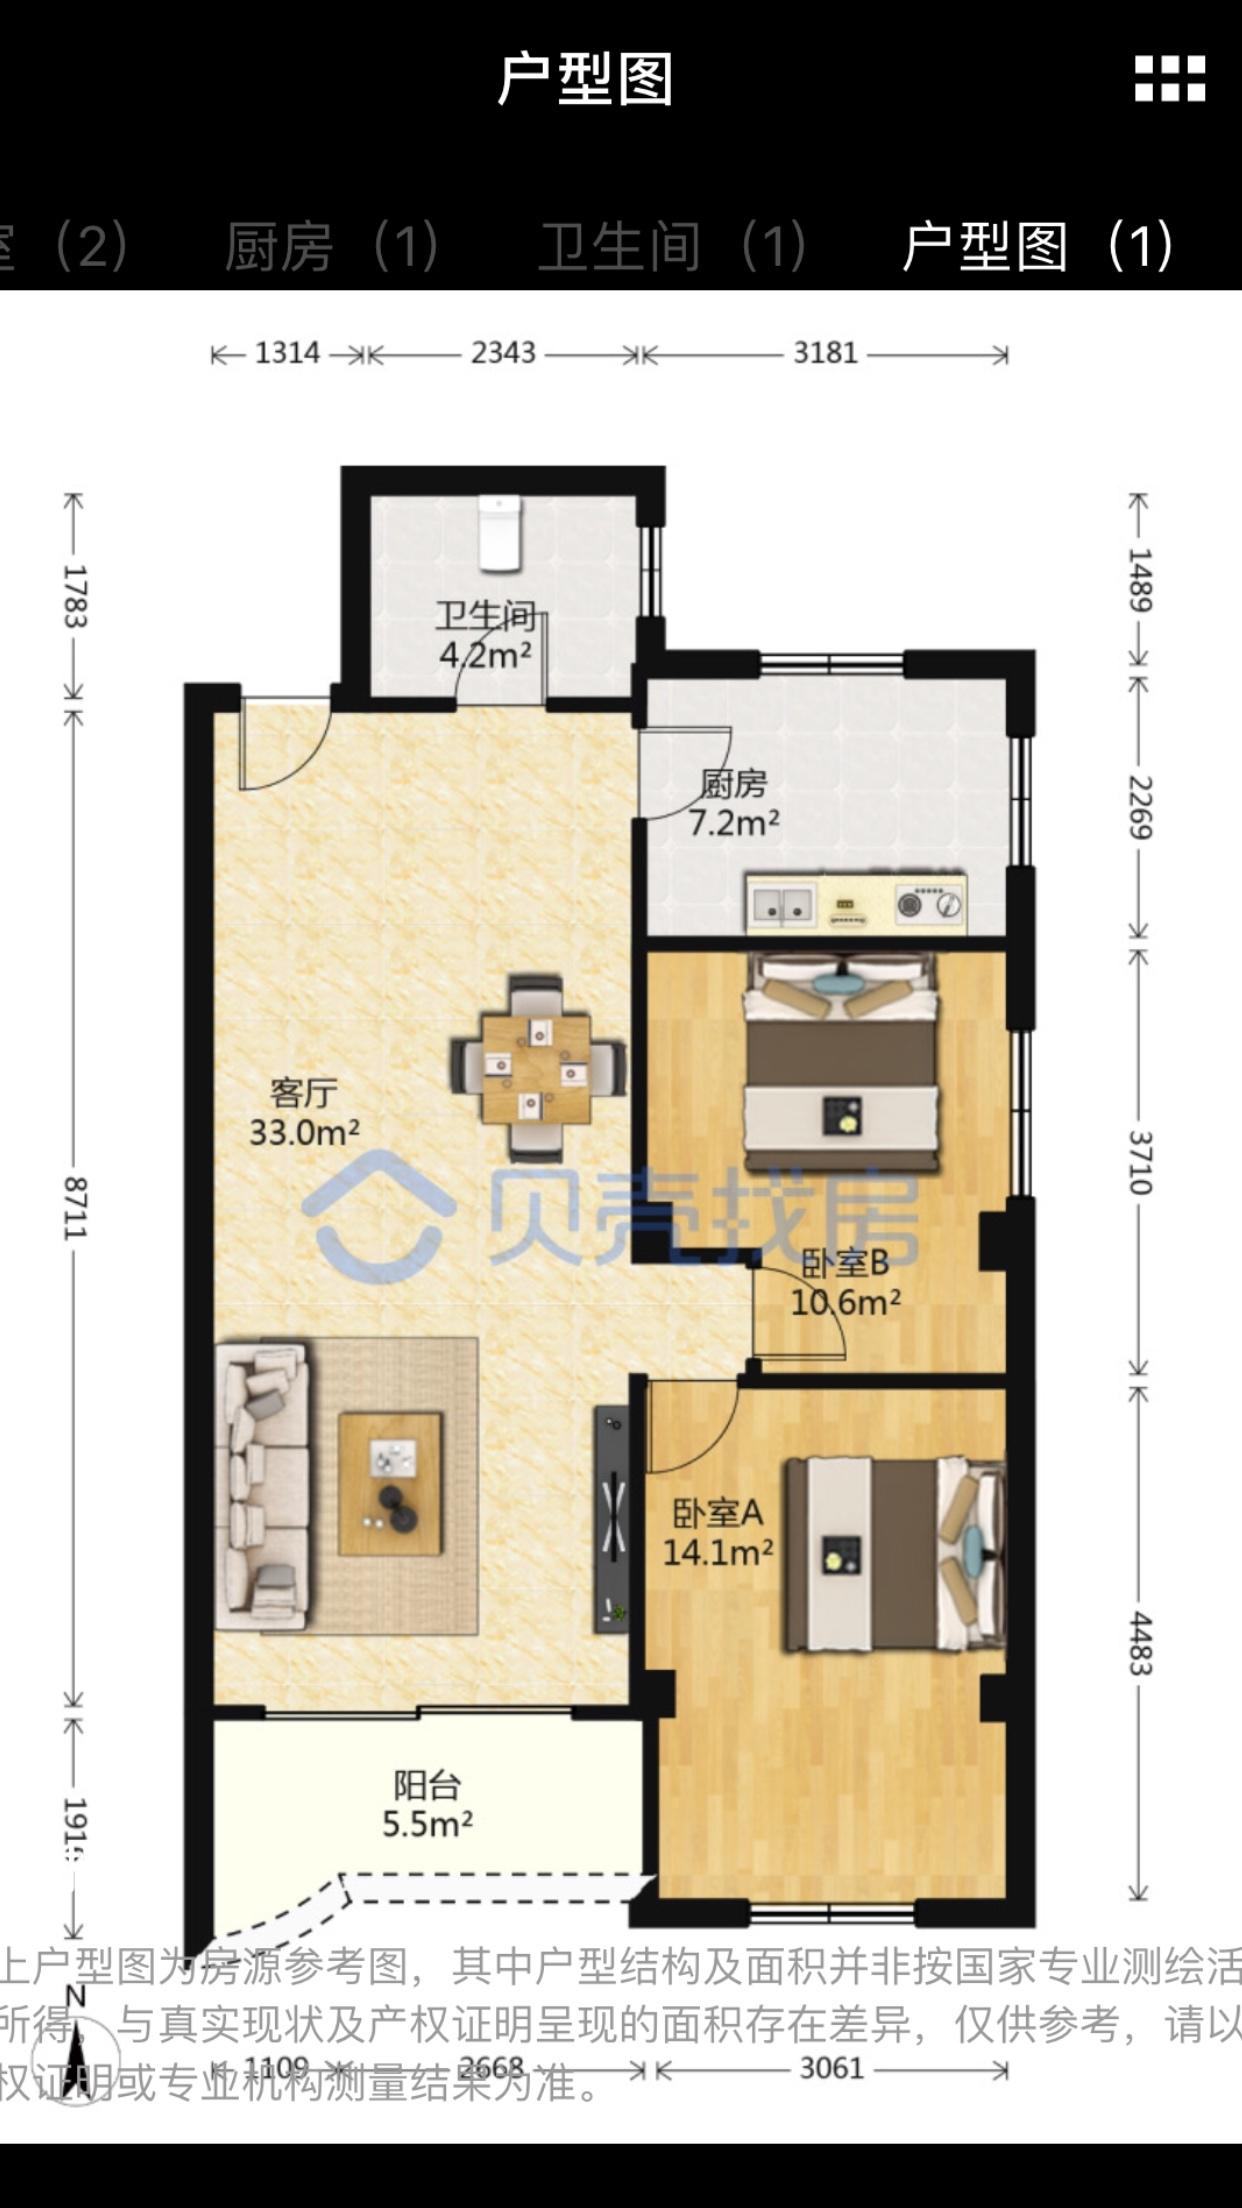 这个户型怎样改三房比较合理,大概要花多少钱。